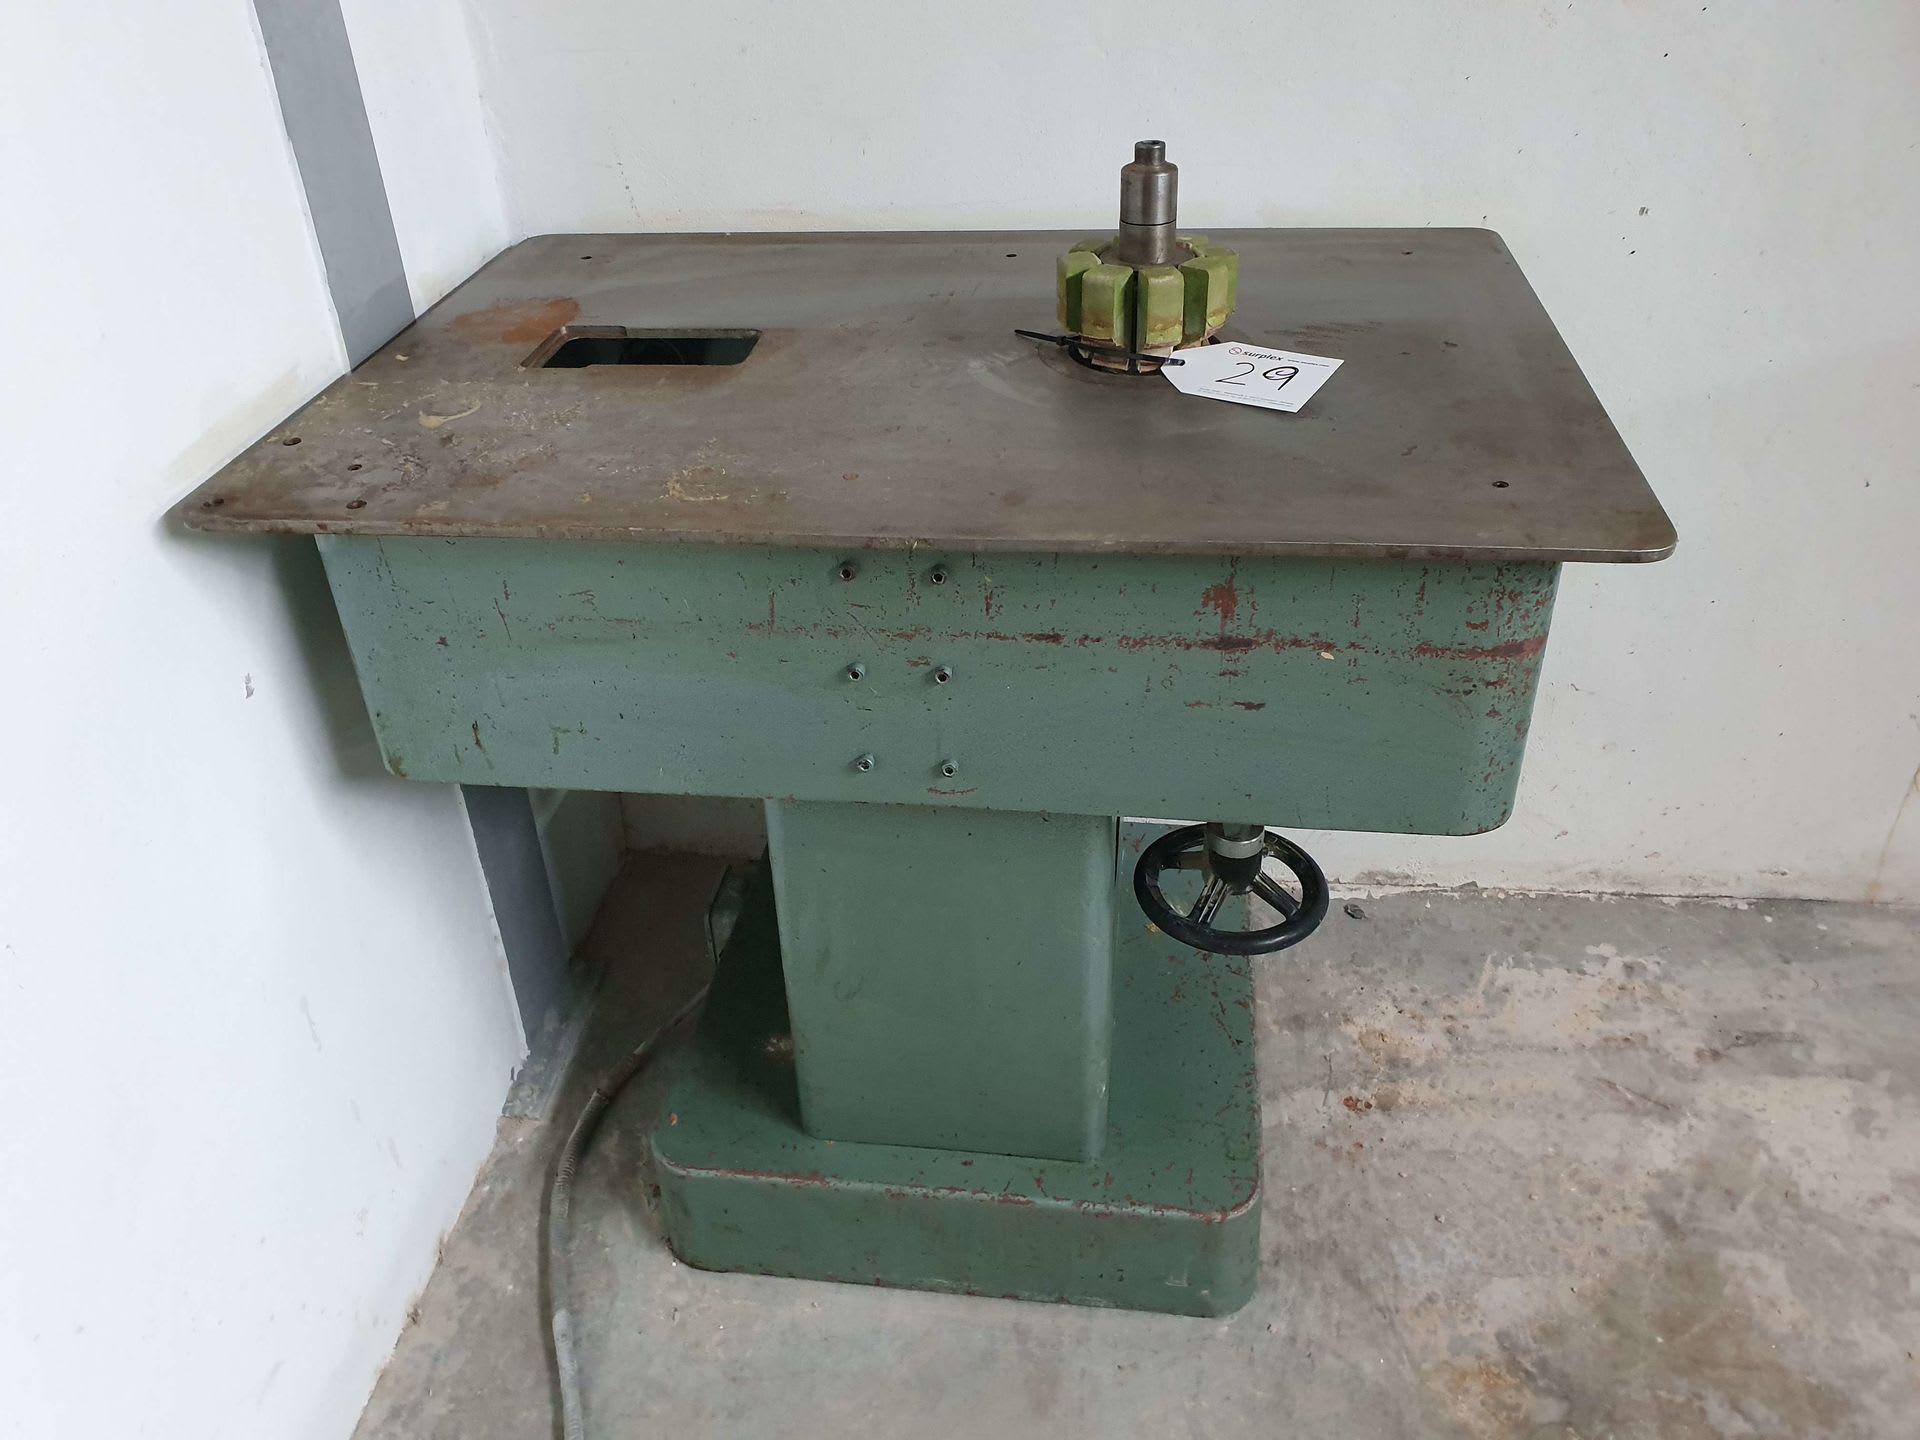 JURAVI Spindelschleifmaschine für Rundteile